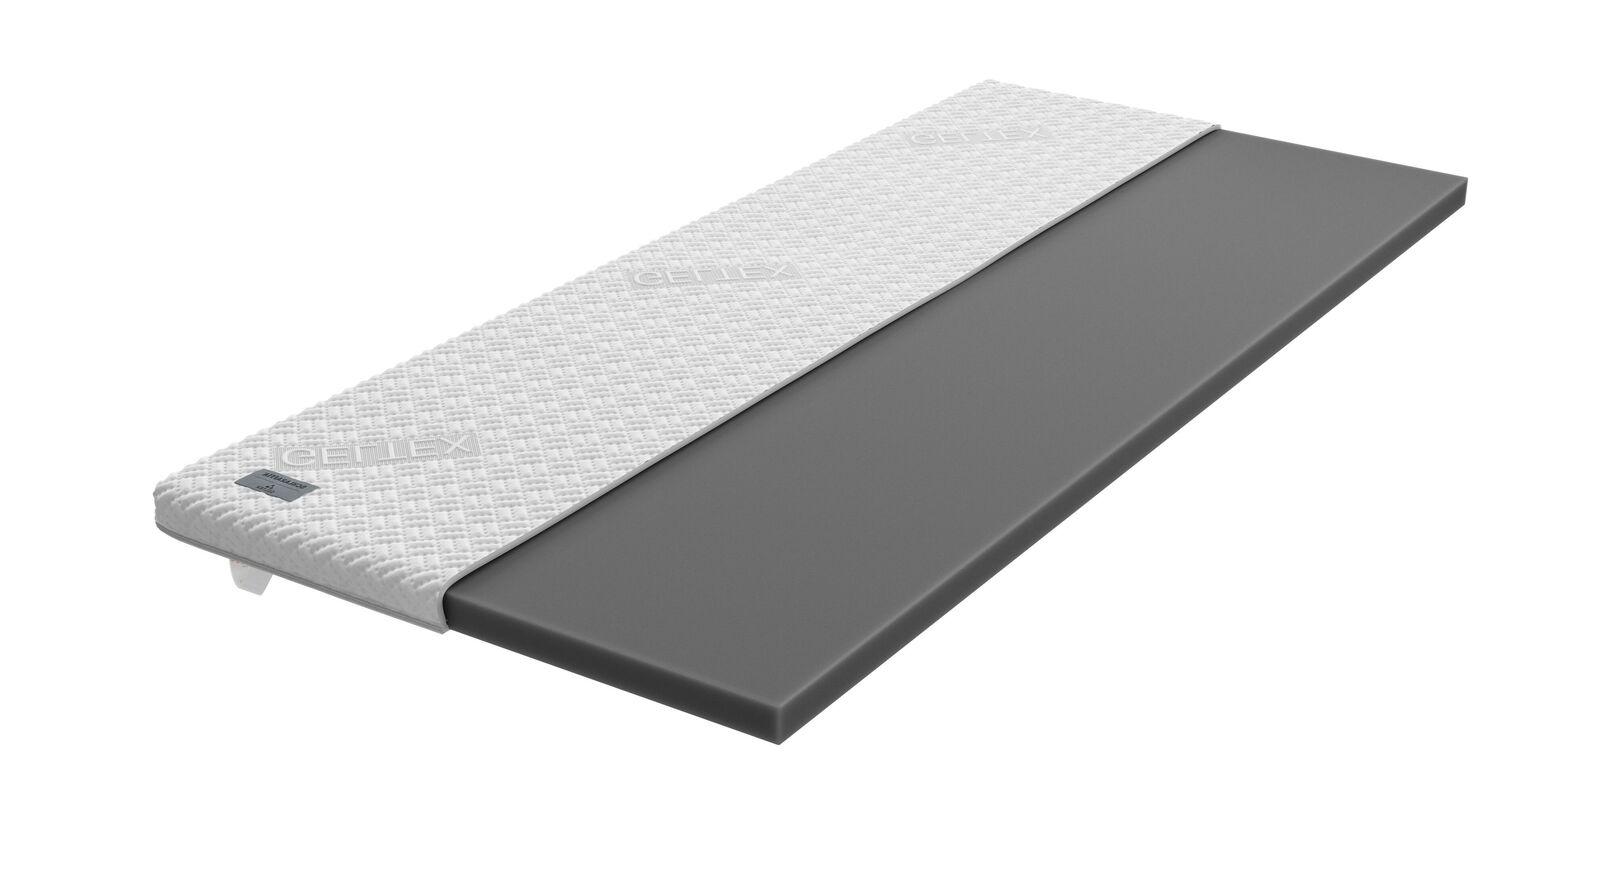 SCHLARAFFIA GELTEX-Topper Roll-n-Sleep mit atmungsaktiver Klimafaser